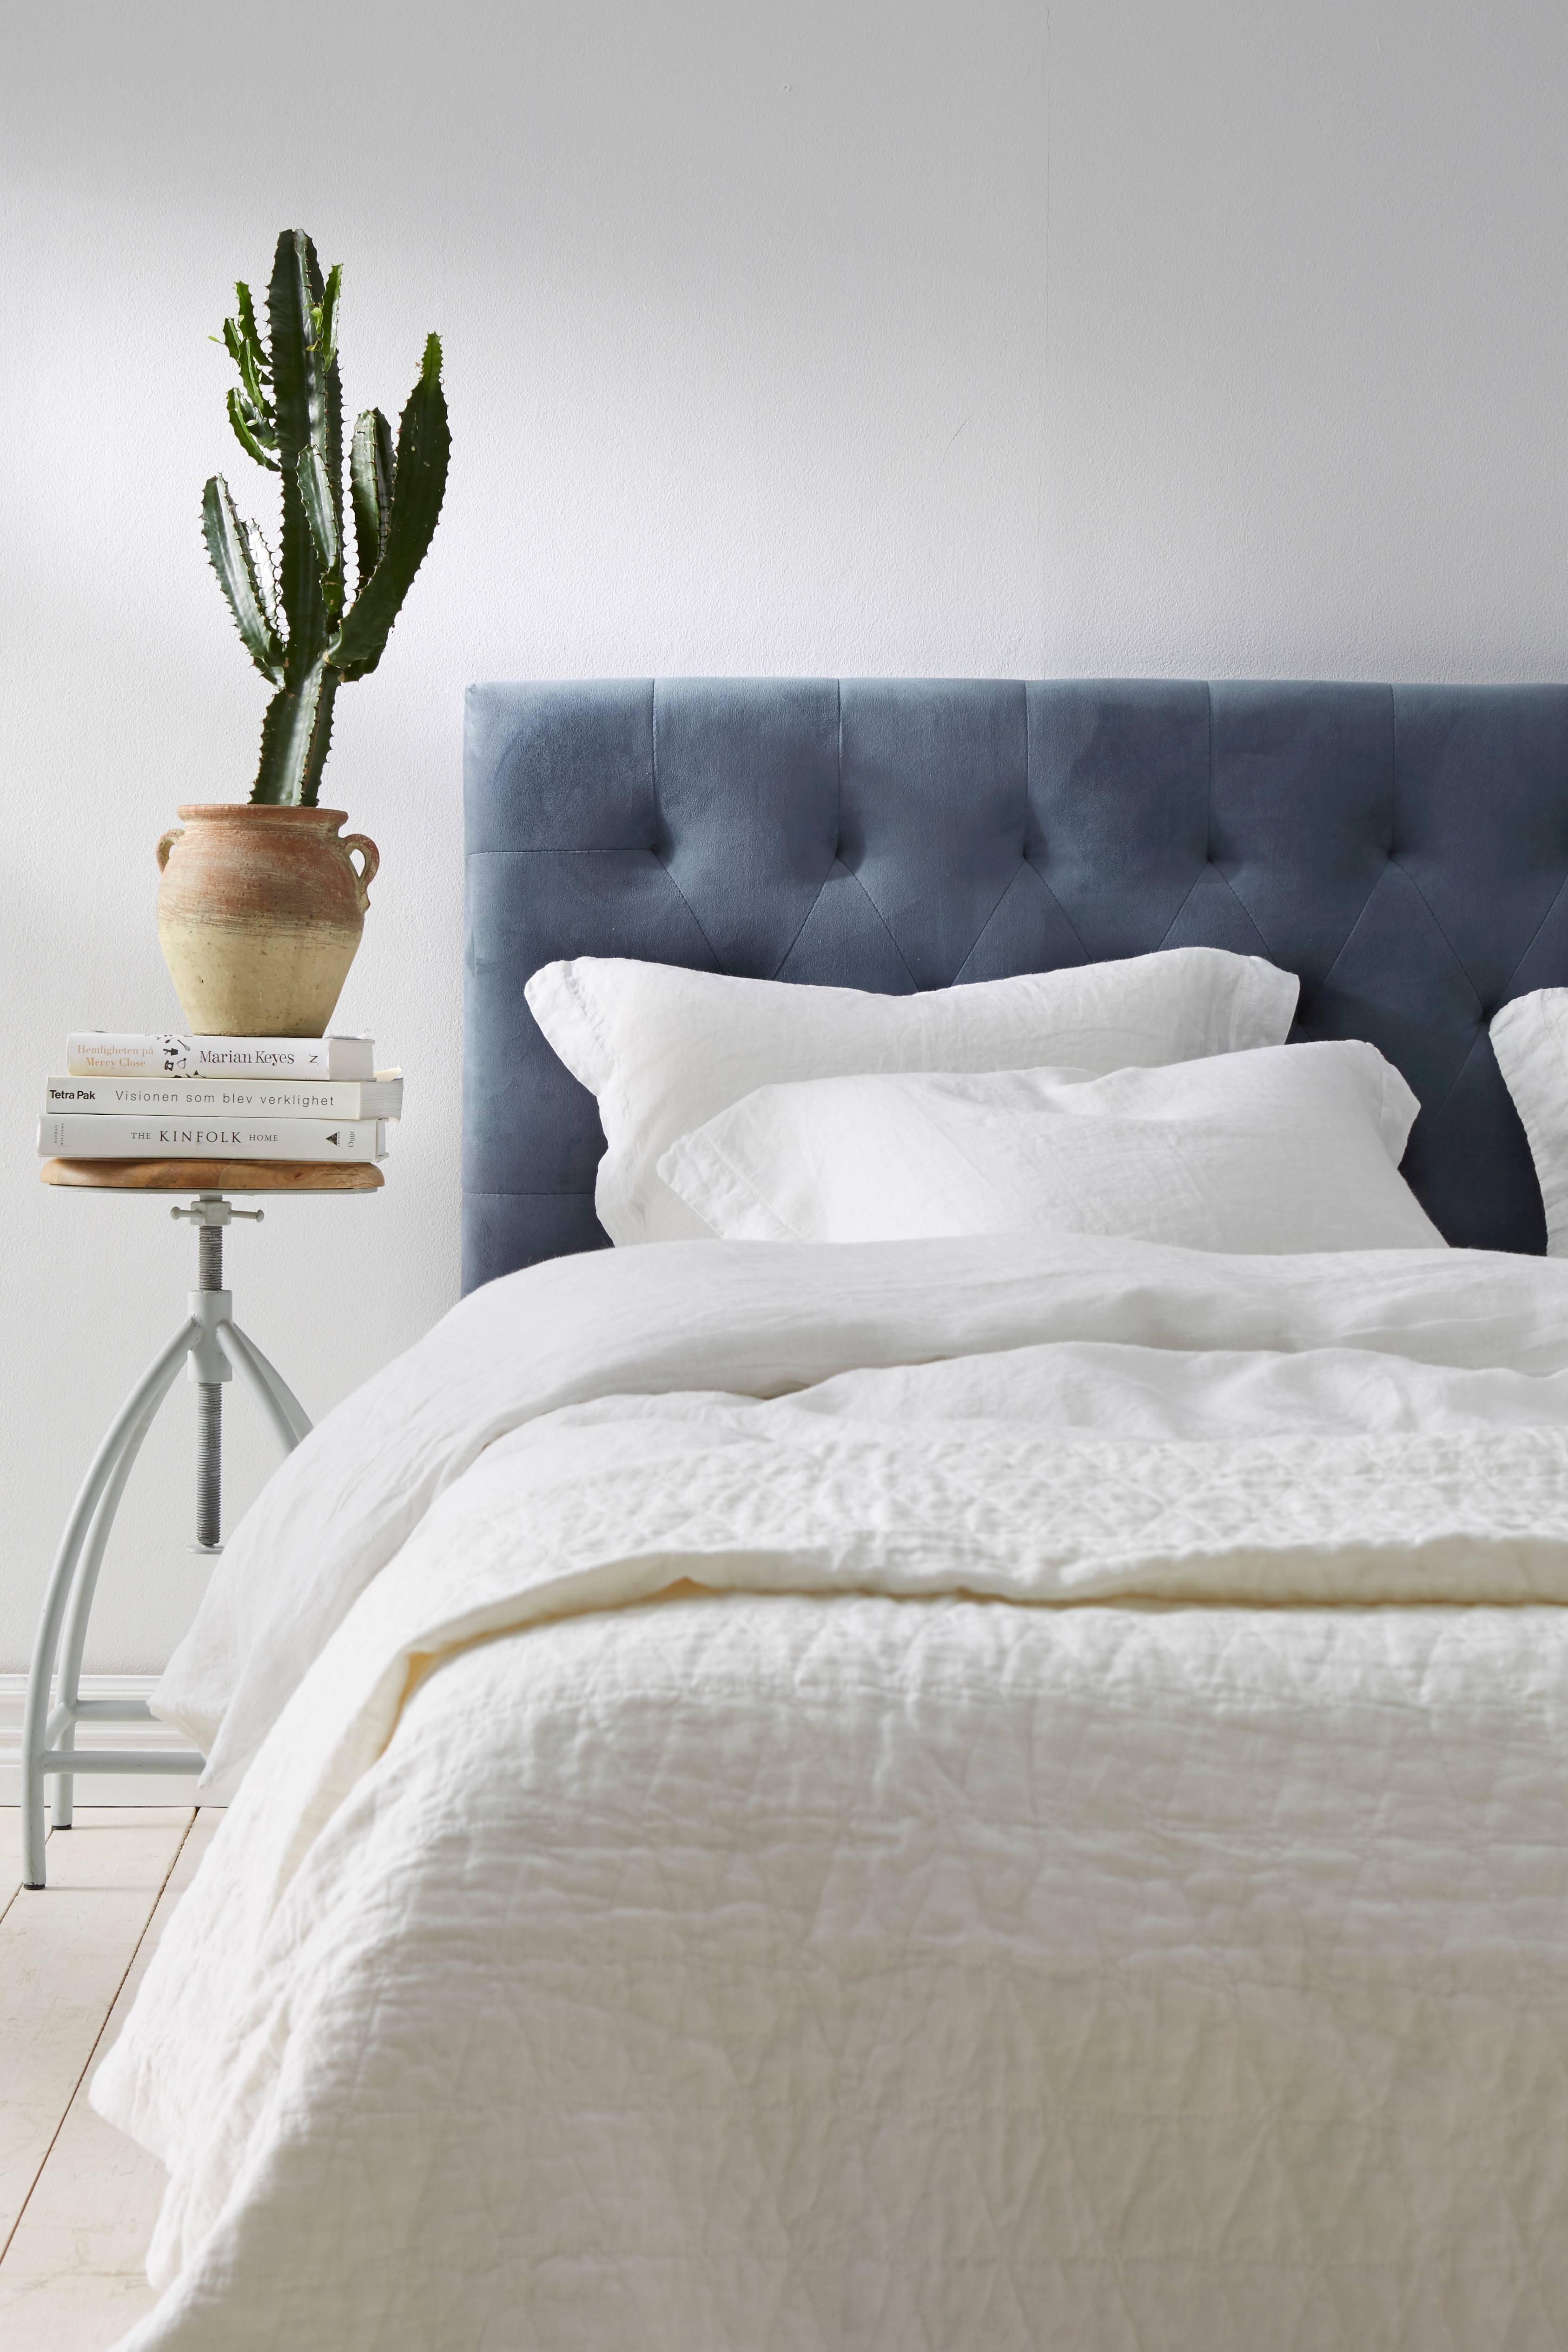 billig sengegavl Billig Snggavel 140. President Comfort Sengegavl Cm. Ikea Brimnes  billig sengegavl